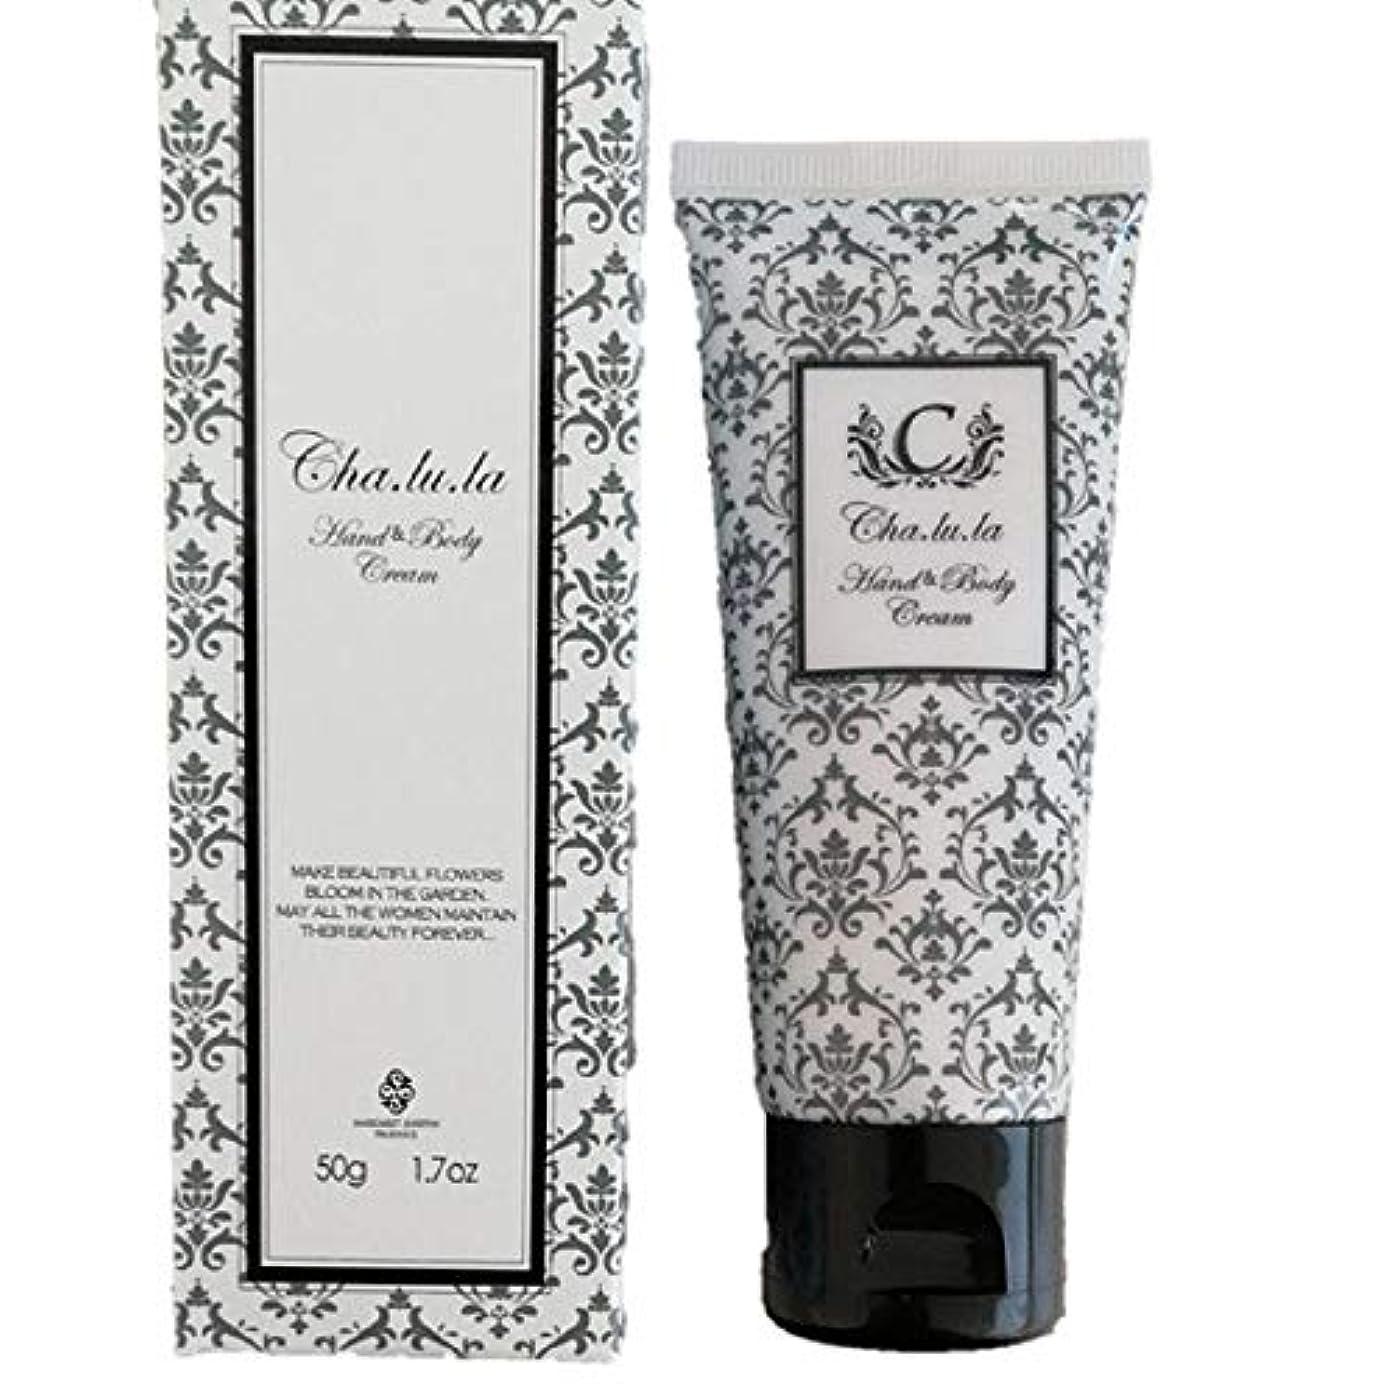 ピニオン未知のランチョンシャルラ H&Bクリーム ノーブルブロッサムの香り ハンド&ボディークリーム 50g